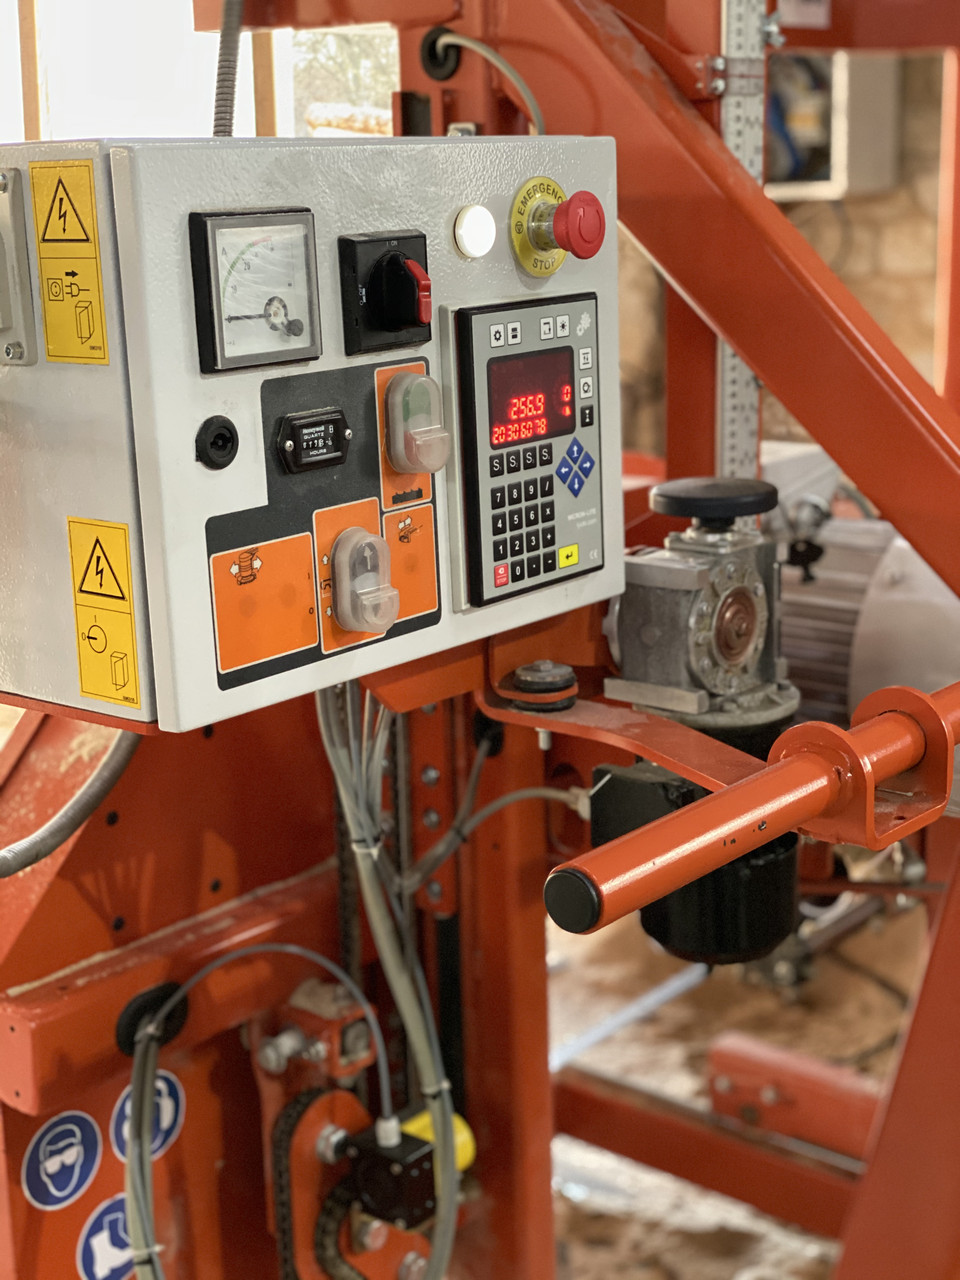 Електронна лінійка на пилораму LT-15POWER / LT-15 виробництва Woodmizer